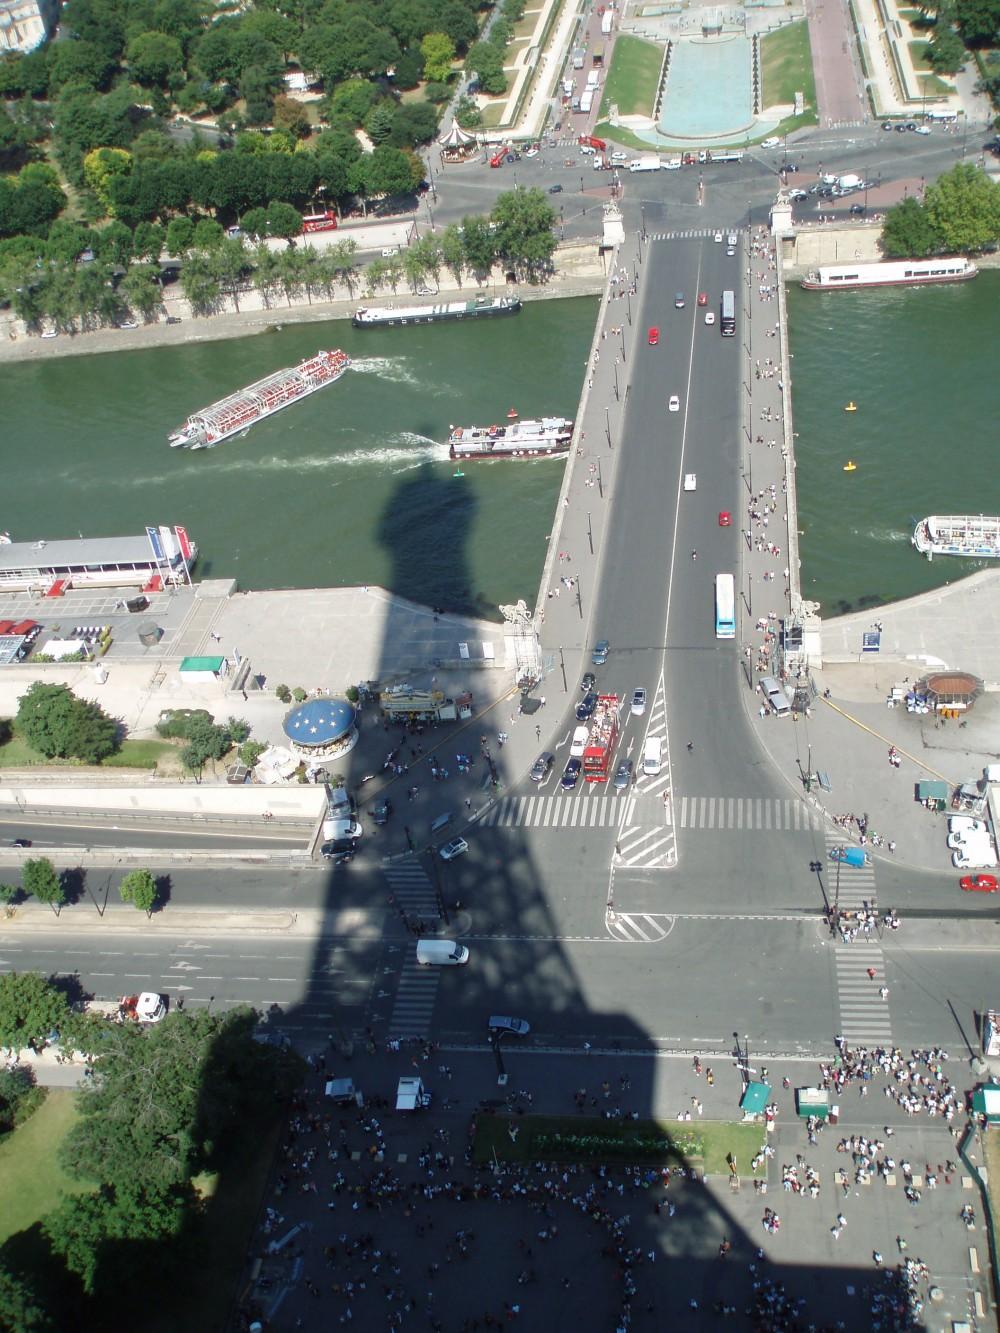 Platz 40: Eiffelturm, Paris